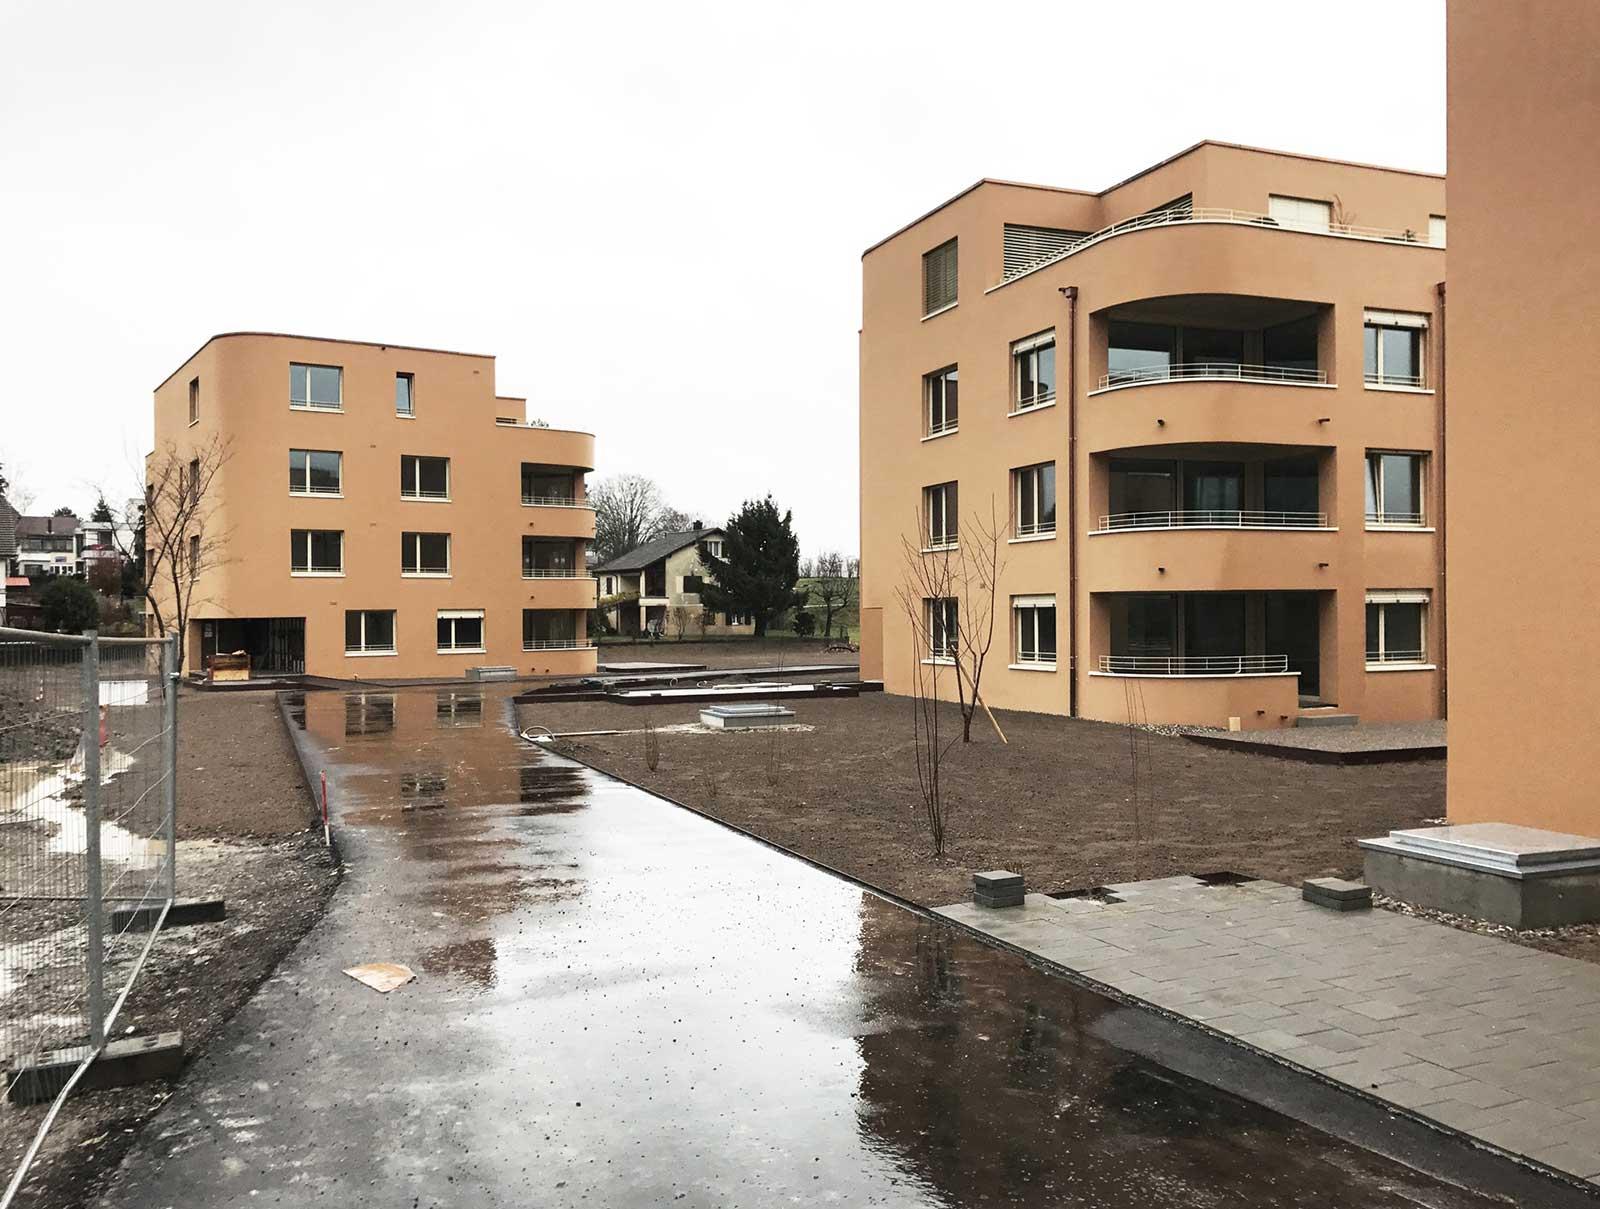 Bauplatz Punkthäuser A4 und A3 Neubau Wohnüberbauung Dorfzentrum Orpund Gottstatt